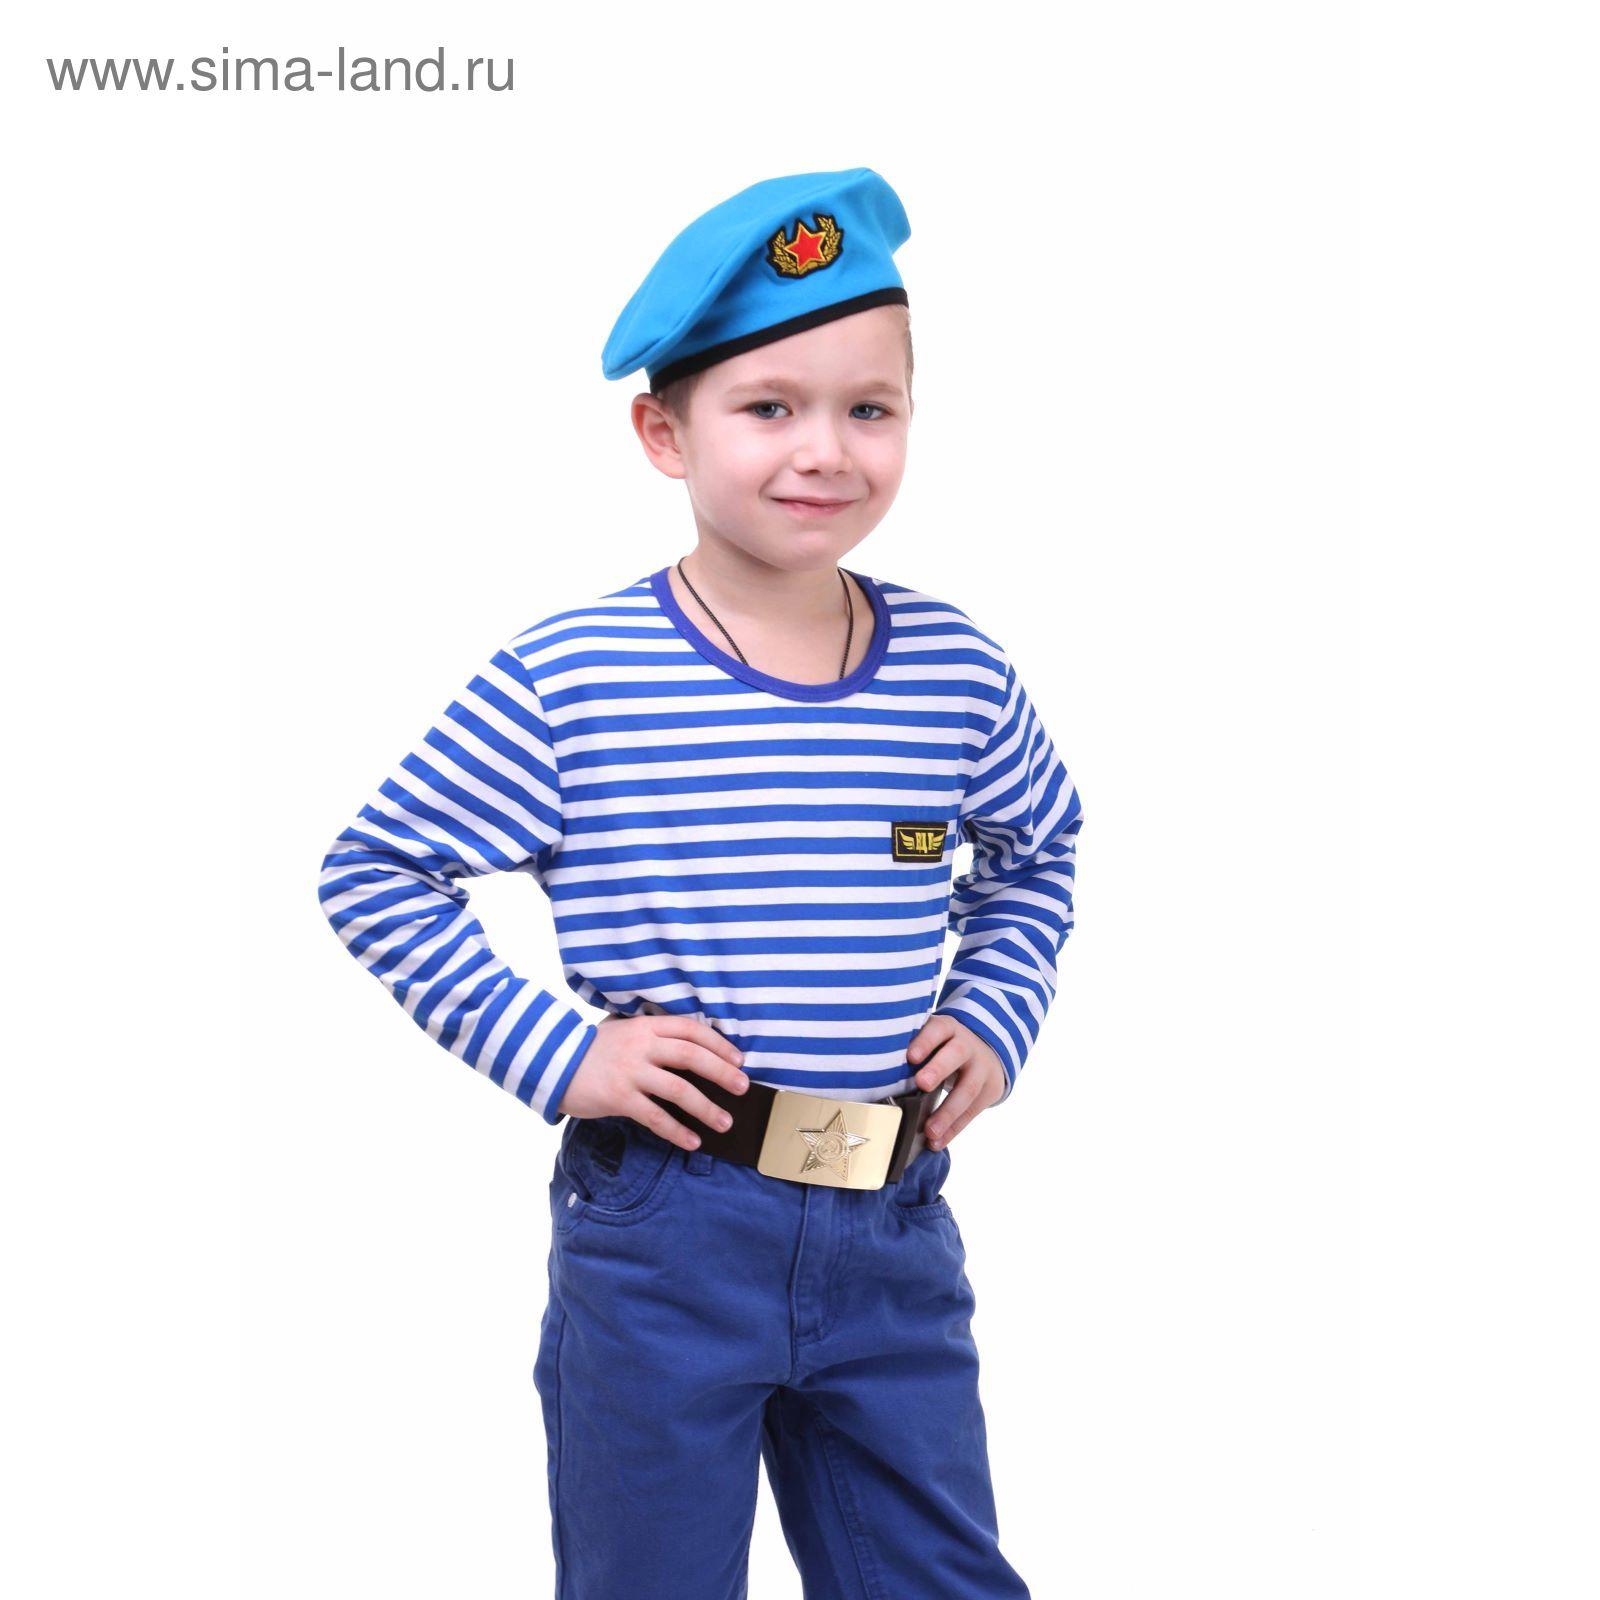 Ребенок в форме вдв фото